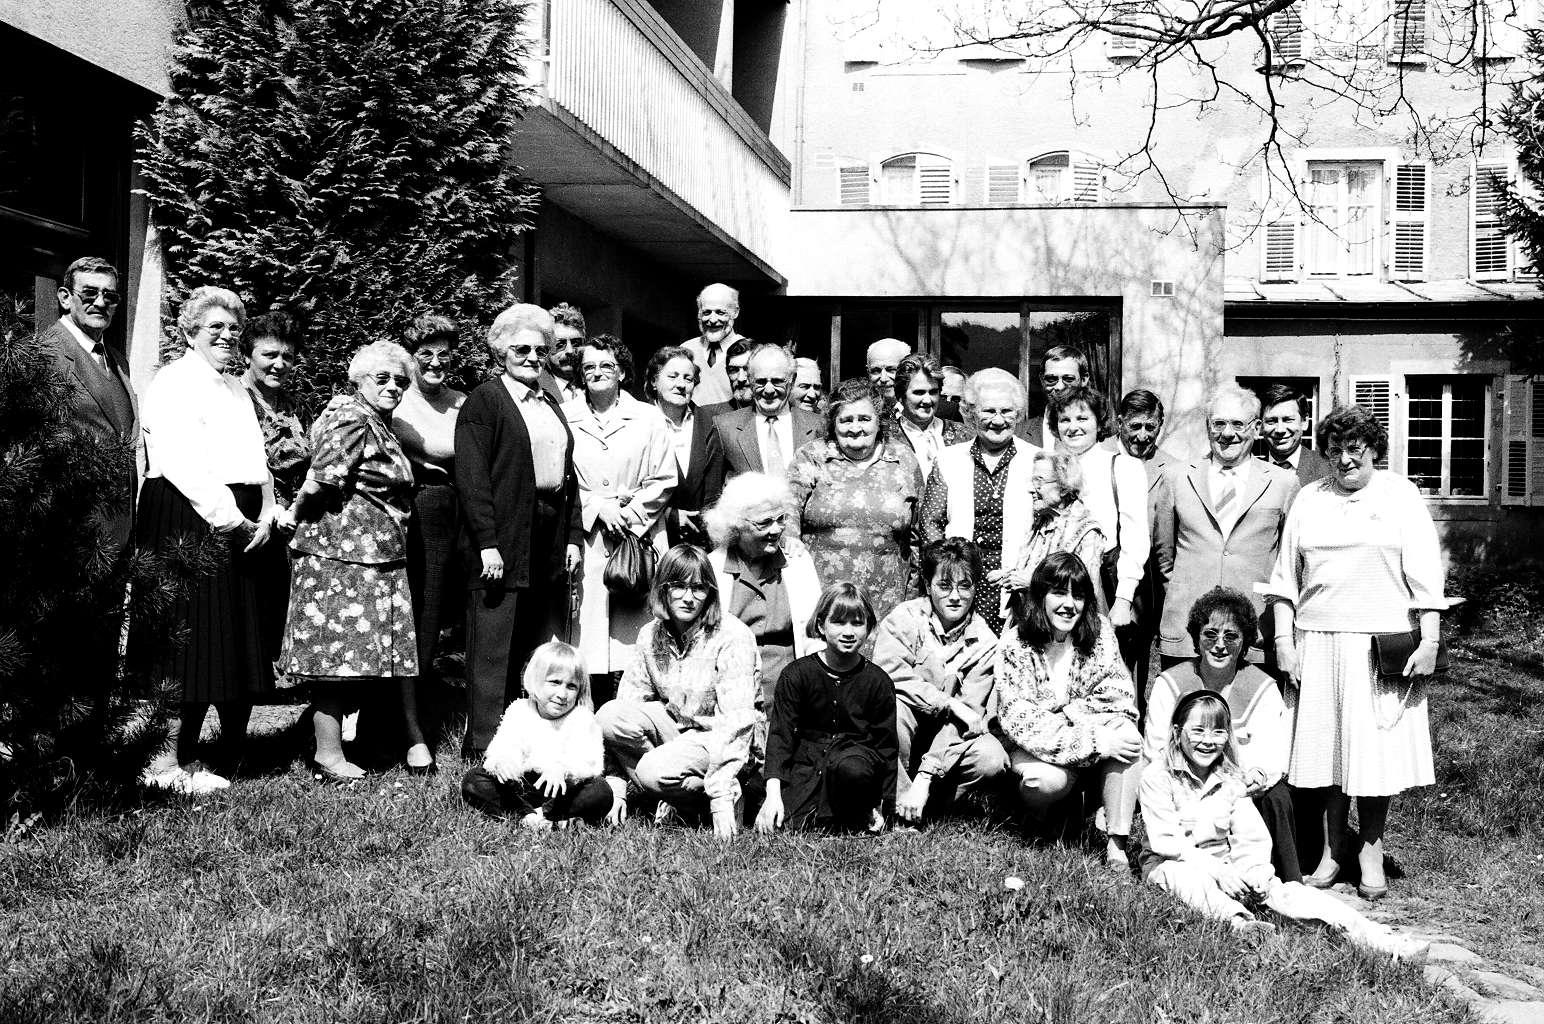 Ag paroisse avril 1990